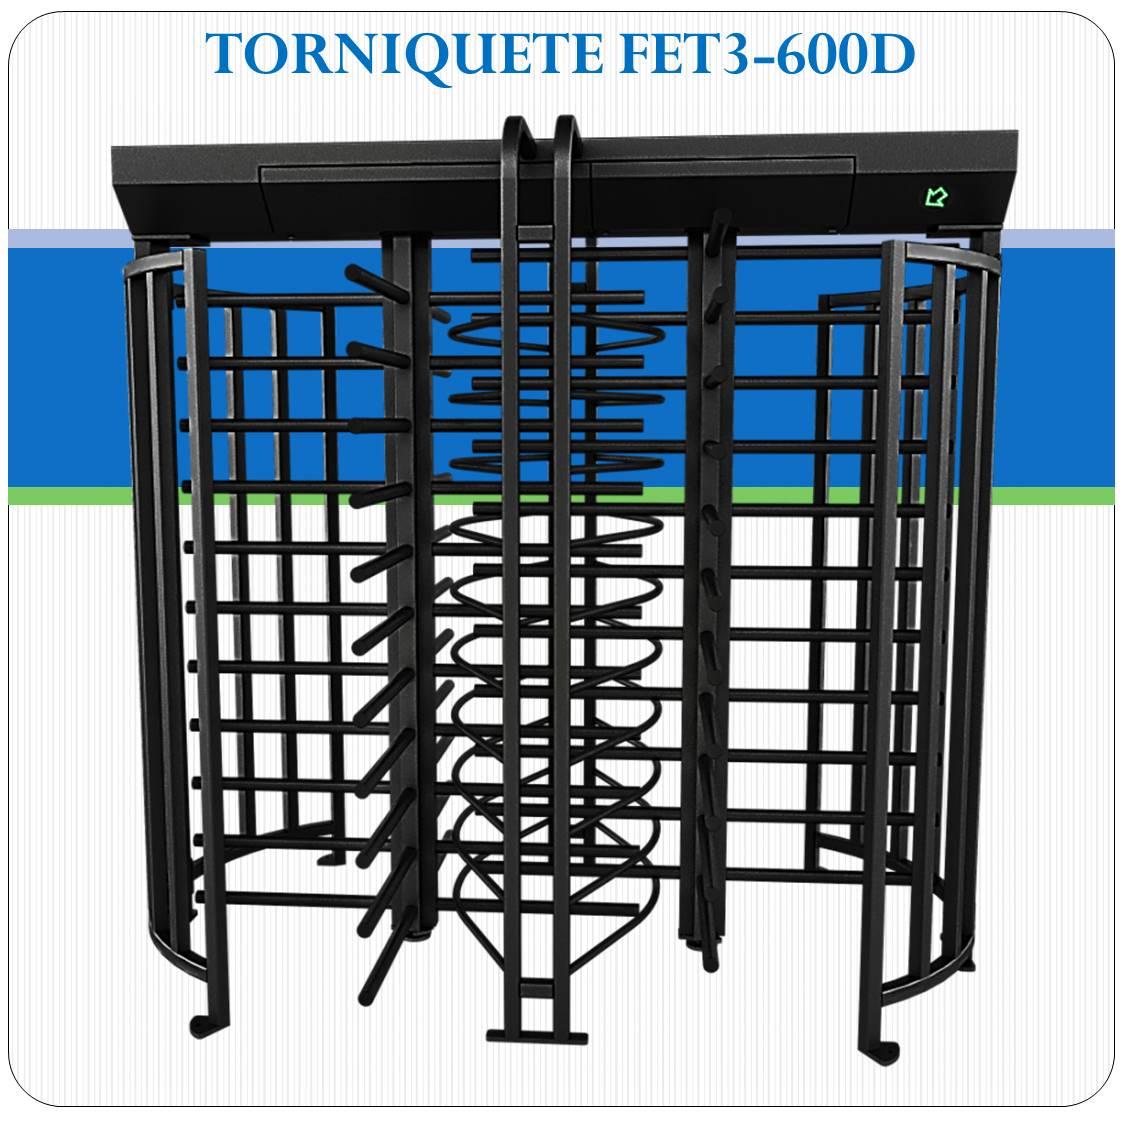 Torniquete FET3-600D